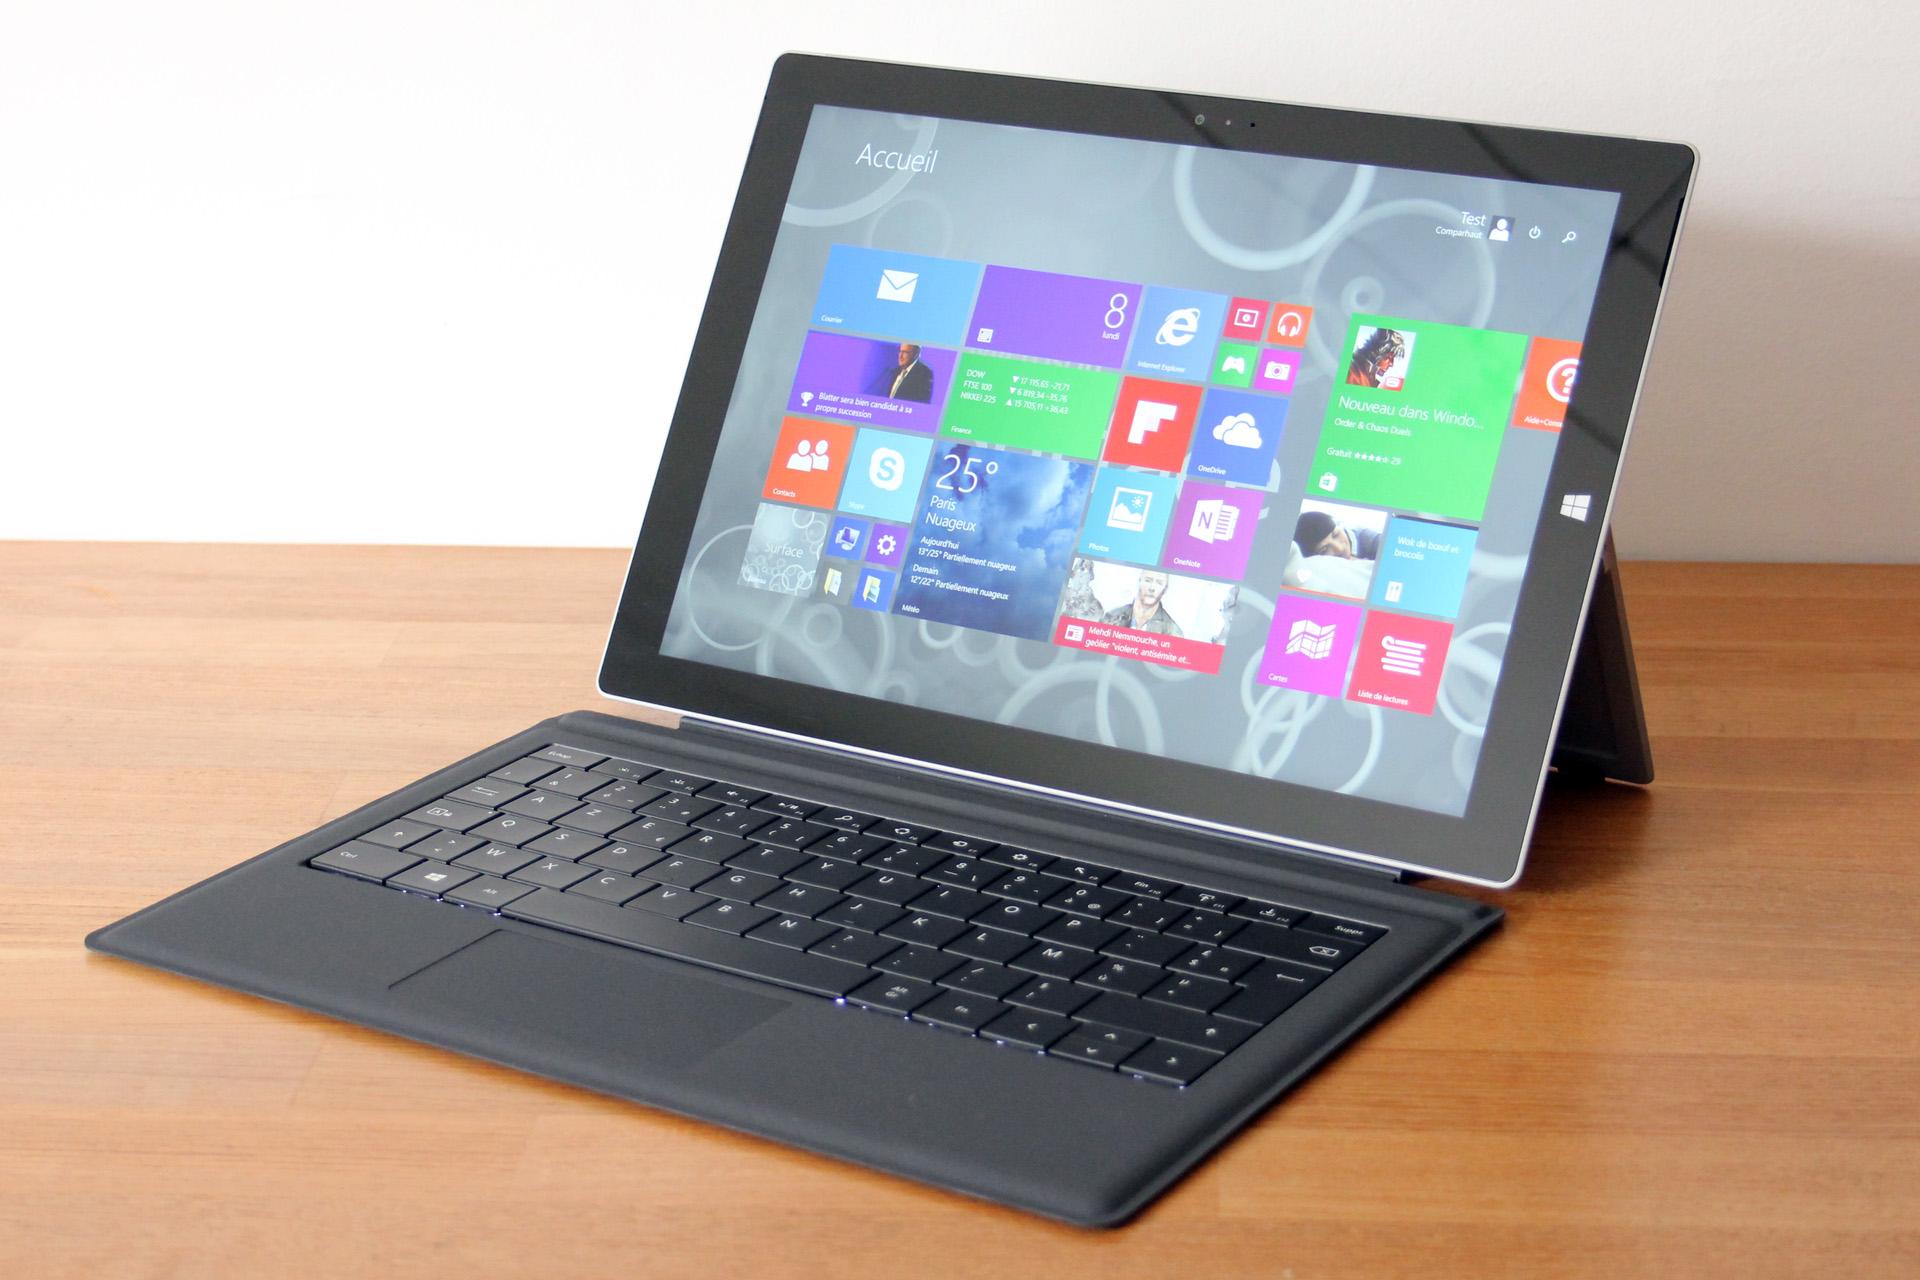 Surface Pro 3 Core Intel i5-4300U / 4GB / SSD 128GB